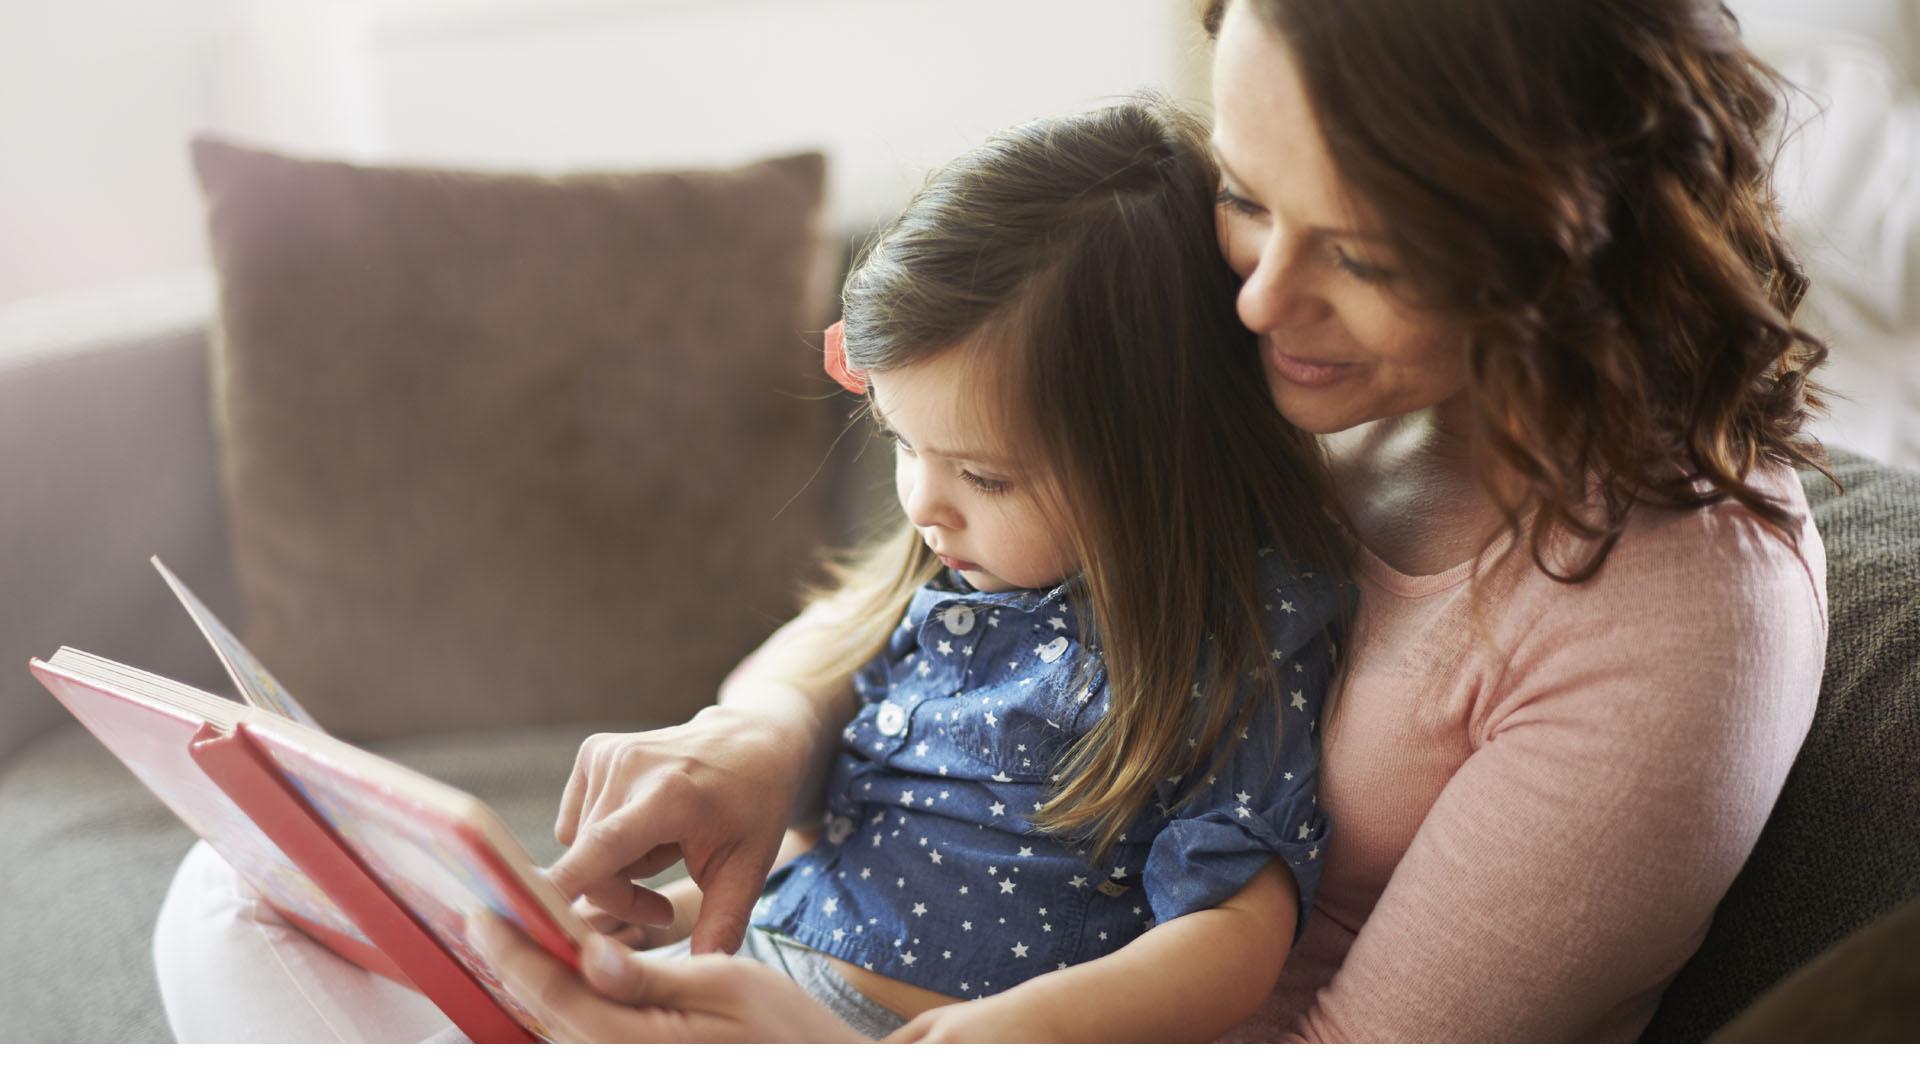 La lectura antes de dormir representa un gran beneficio para el desarrollo neuronal y emocional de los niños